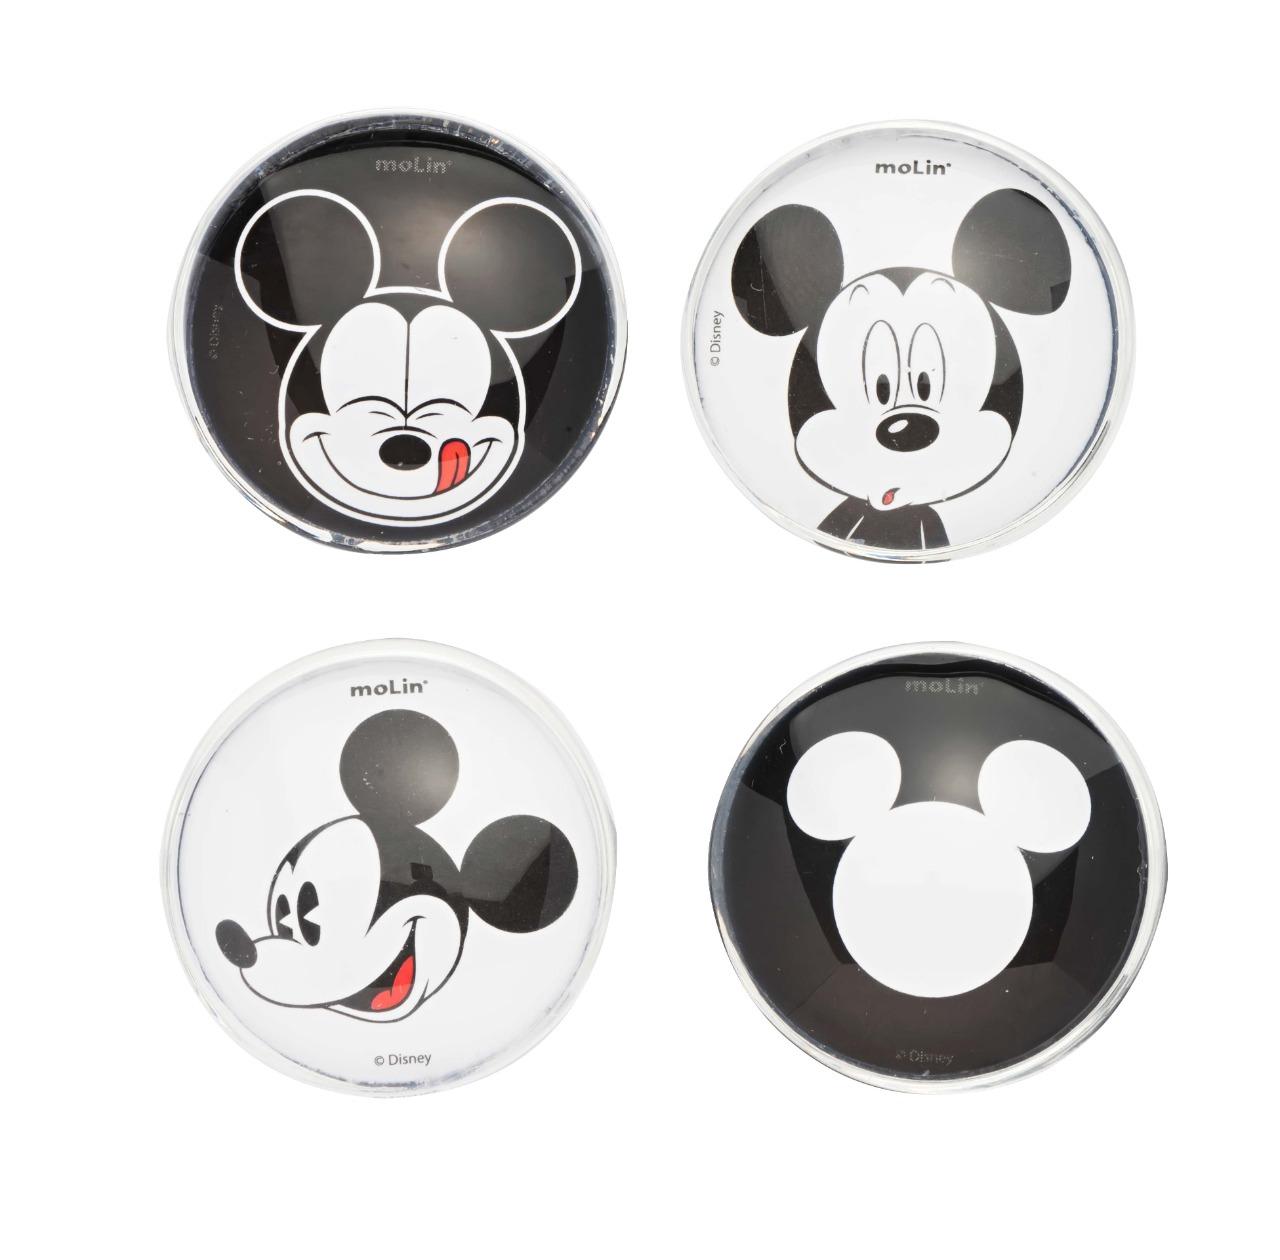 Imã Magnético - Molin - Mickey Mouse - Blister c/ 4 Imãs